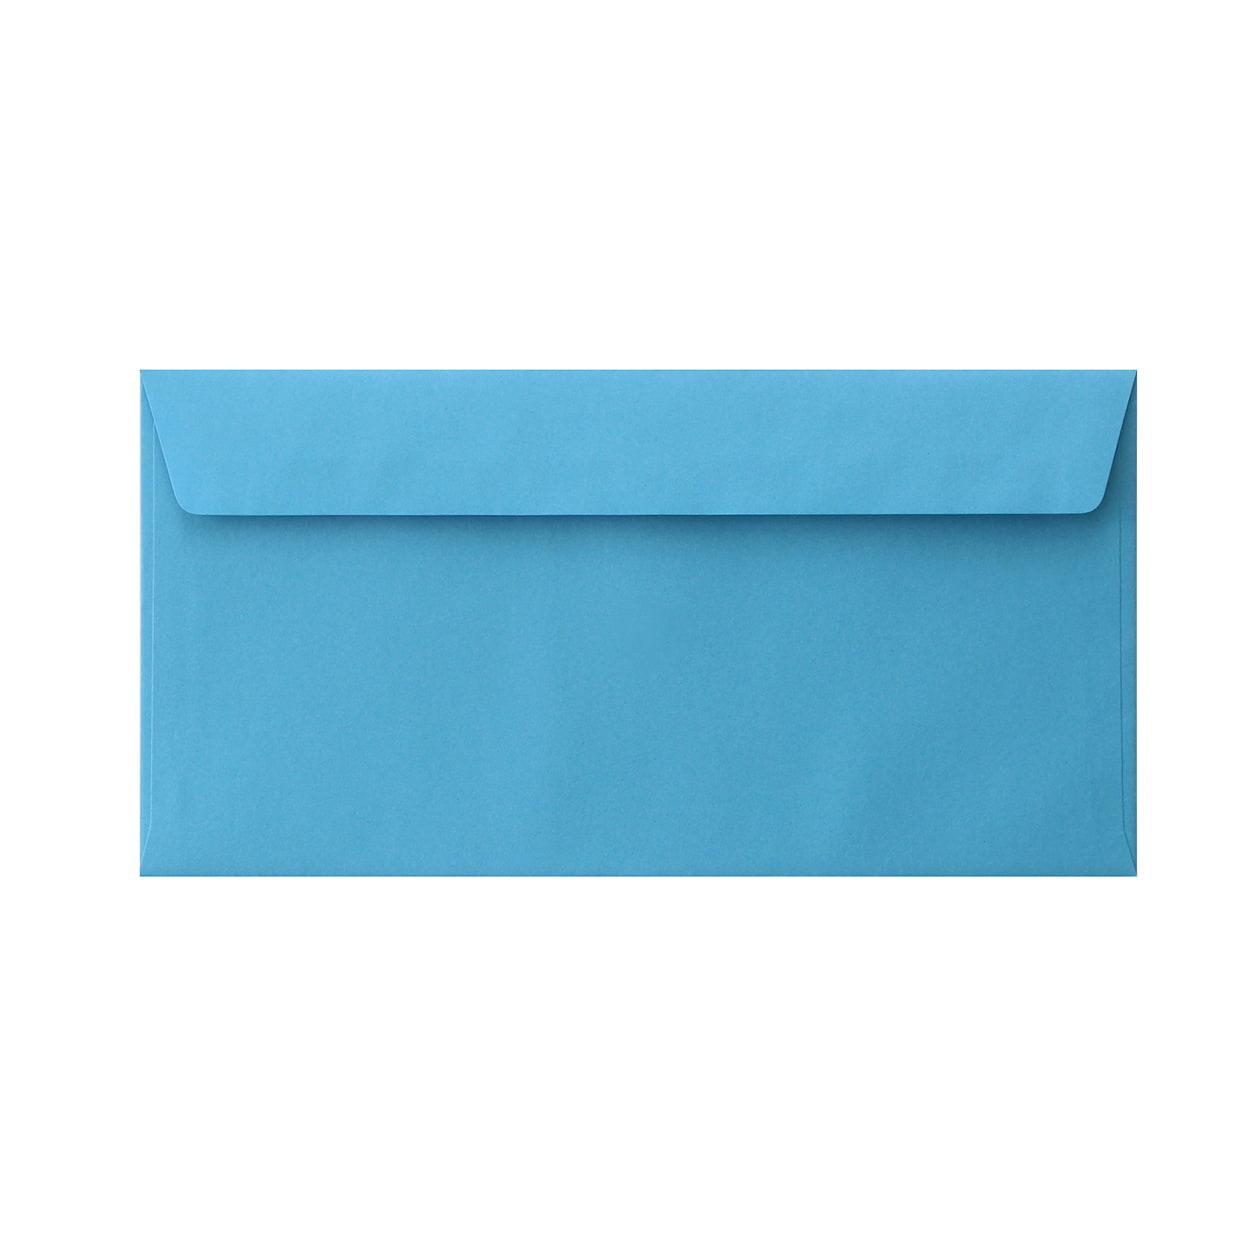 長3カマス34封筒 コニーカラー ブルー 85g